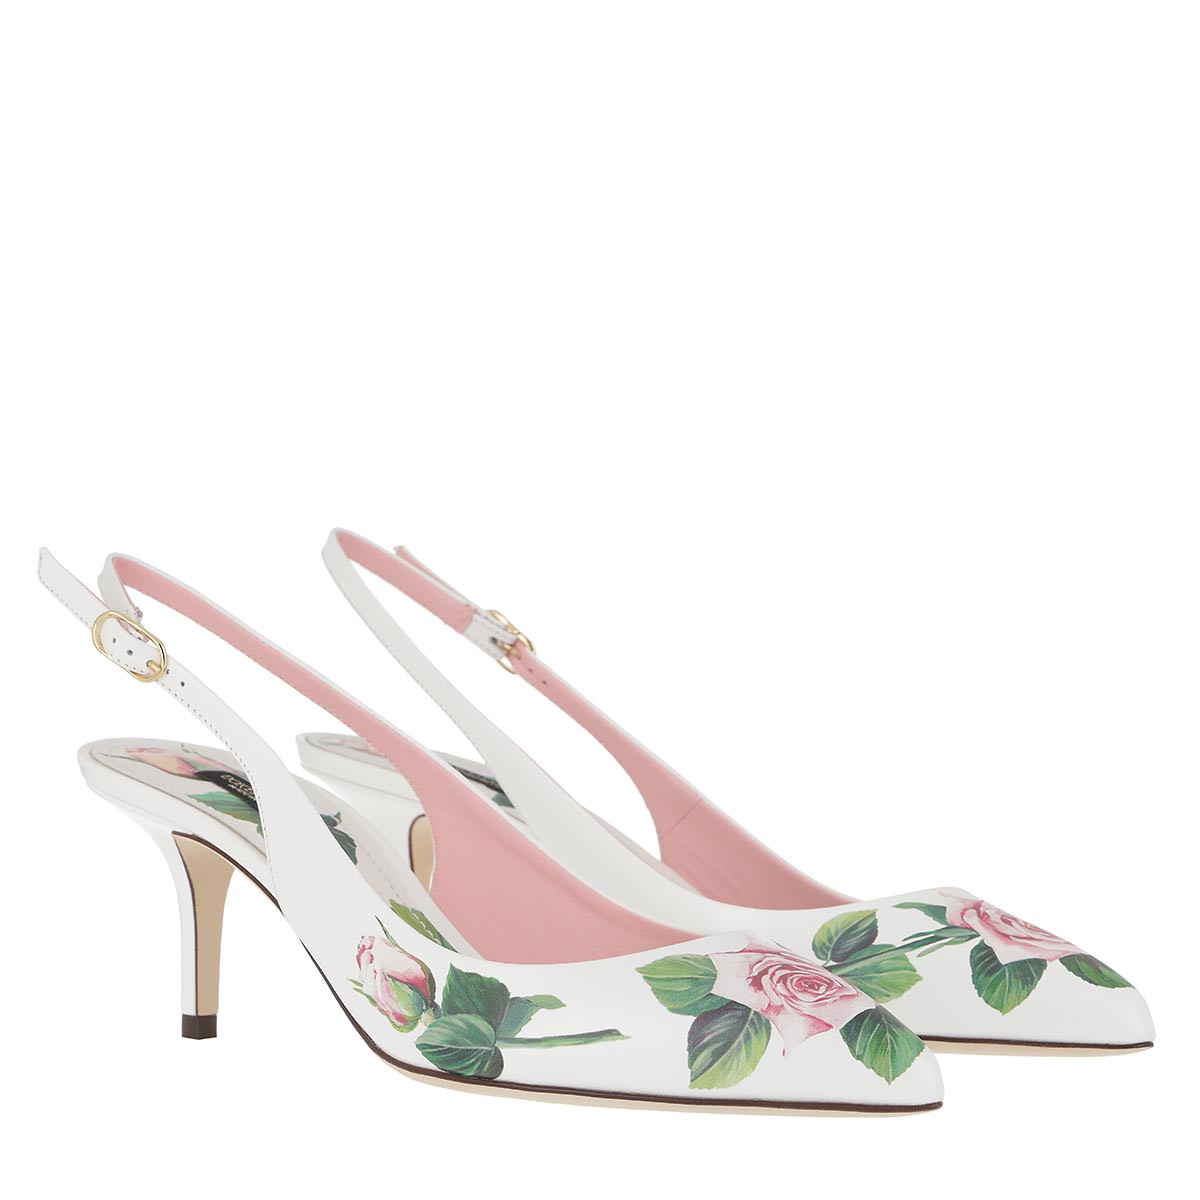 Dolce&Gabbana Pumps - Slingback Pumps Calf Leather Black/Roses - in weiß - für Damen